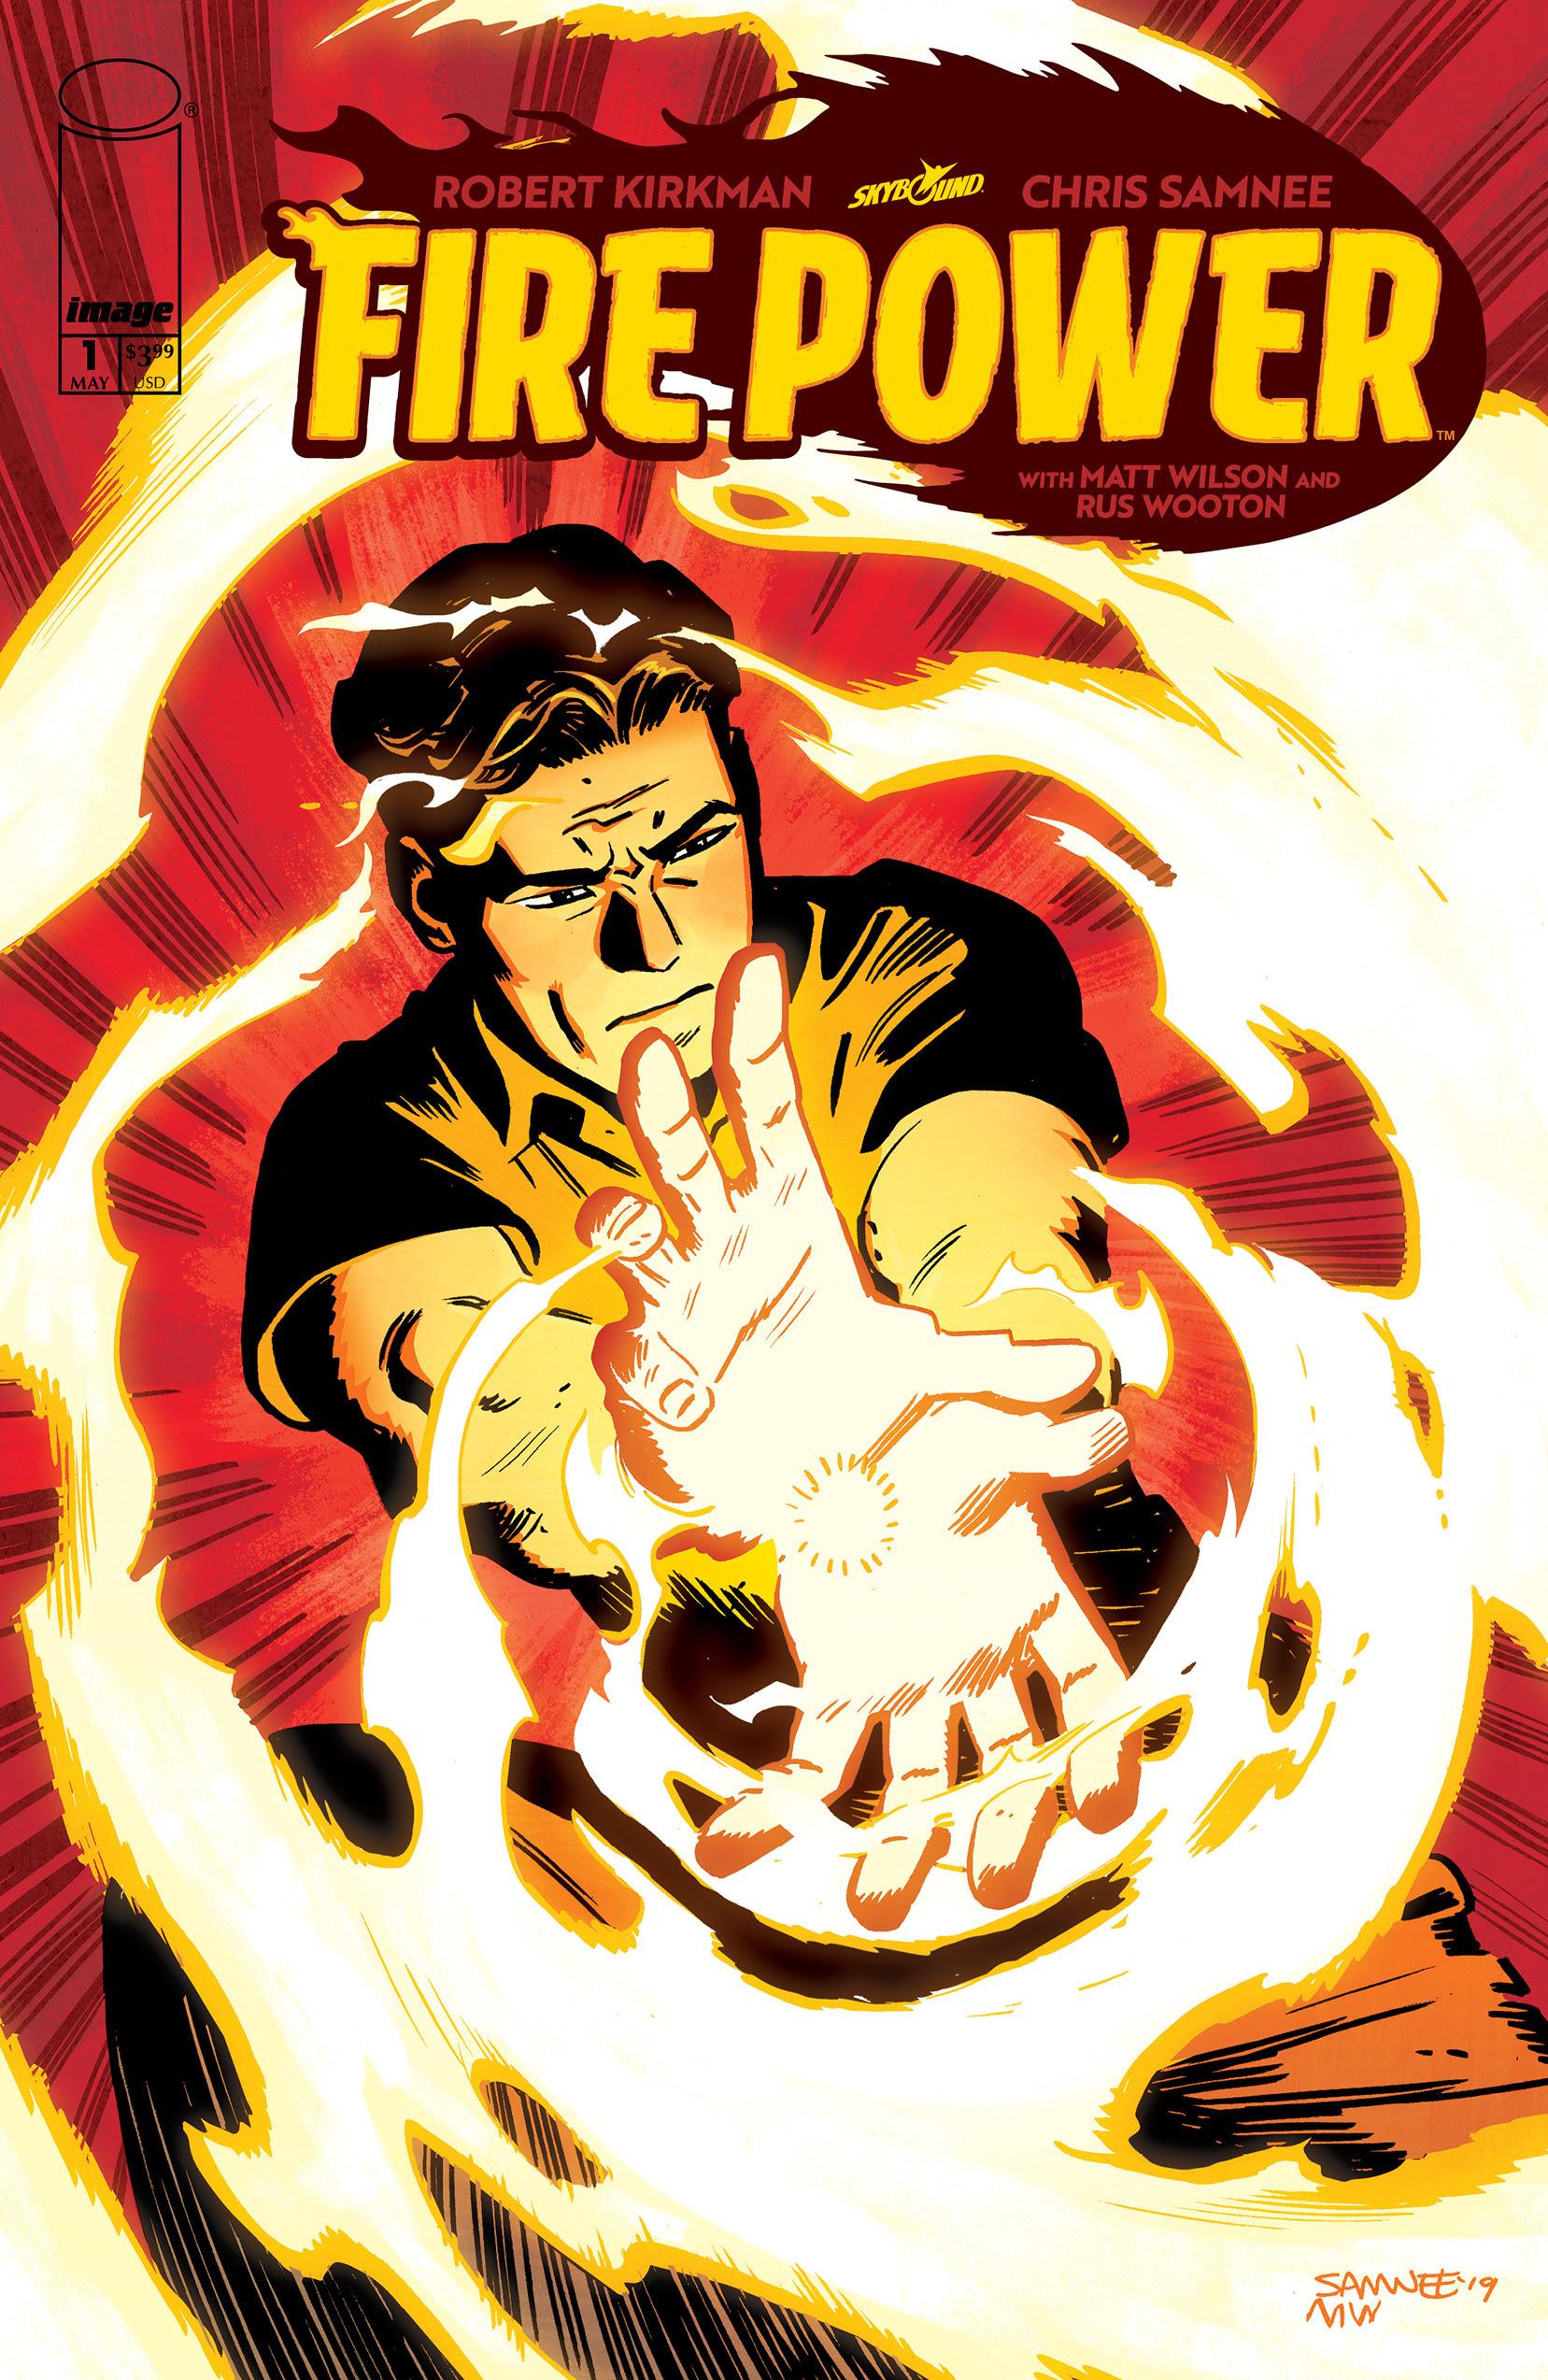 Robert Kirkman and Chris Samnee launch new ongoing series, 'Fire Power'